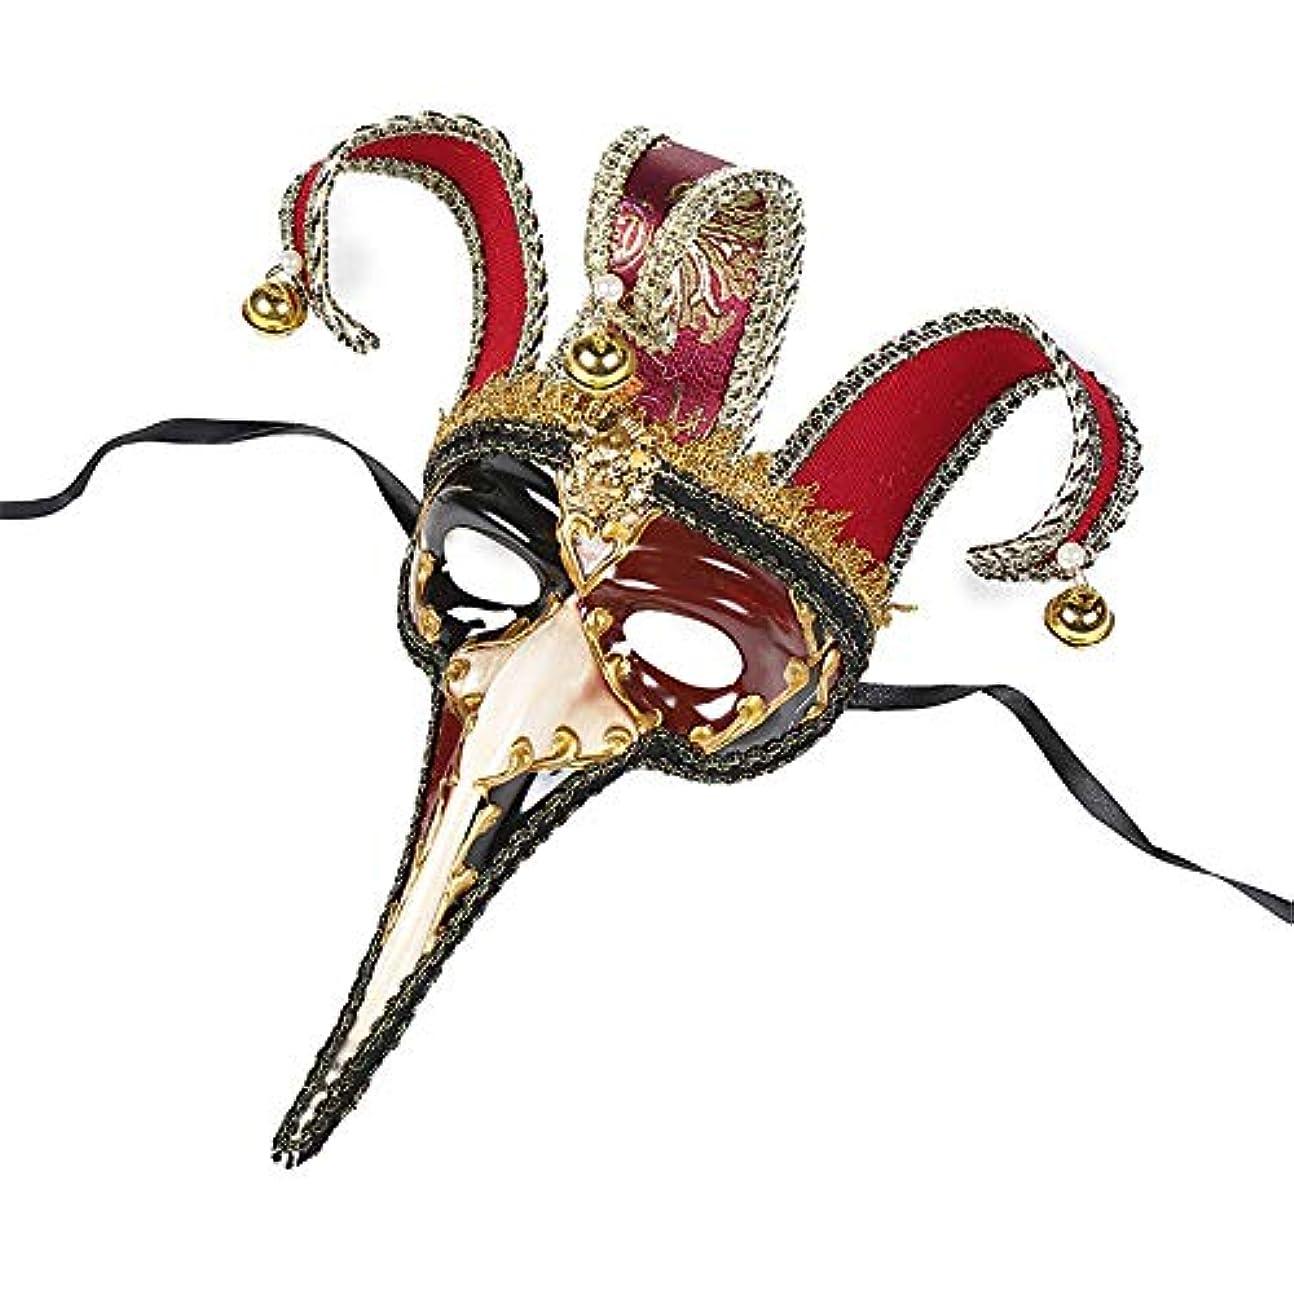 トリプルハロウィン見つけたダンスマスク ハーフフェイス鼻フラミンゴハロウィーン仮装雰囲気クリスマスフェスティバルロールプレイングプラスチックマスク パーティーボールマスク (色 : 赤, サイズ : 42x15cm)